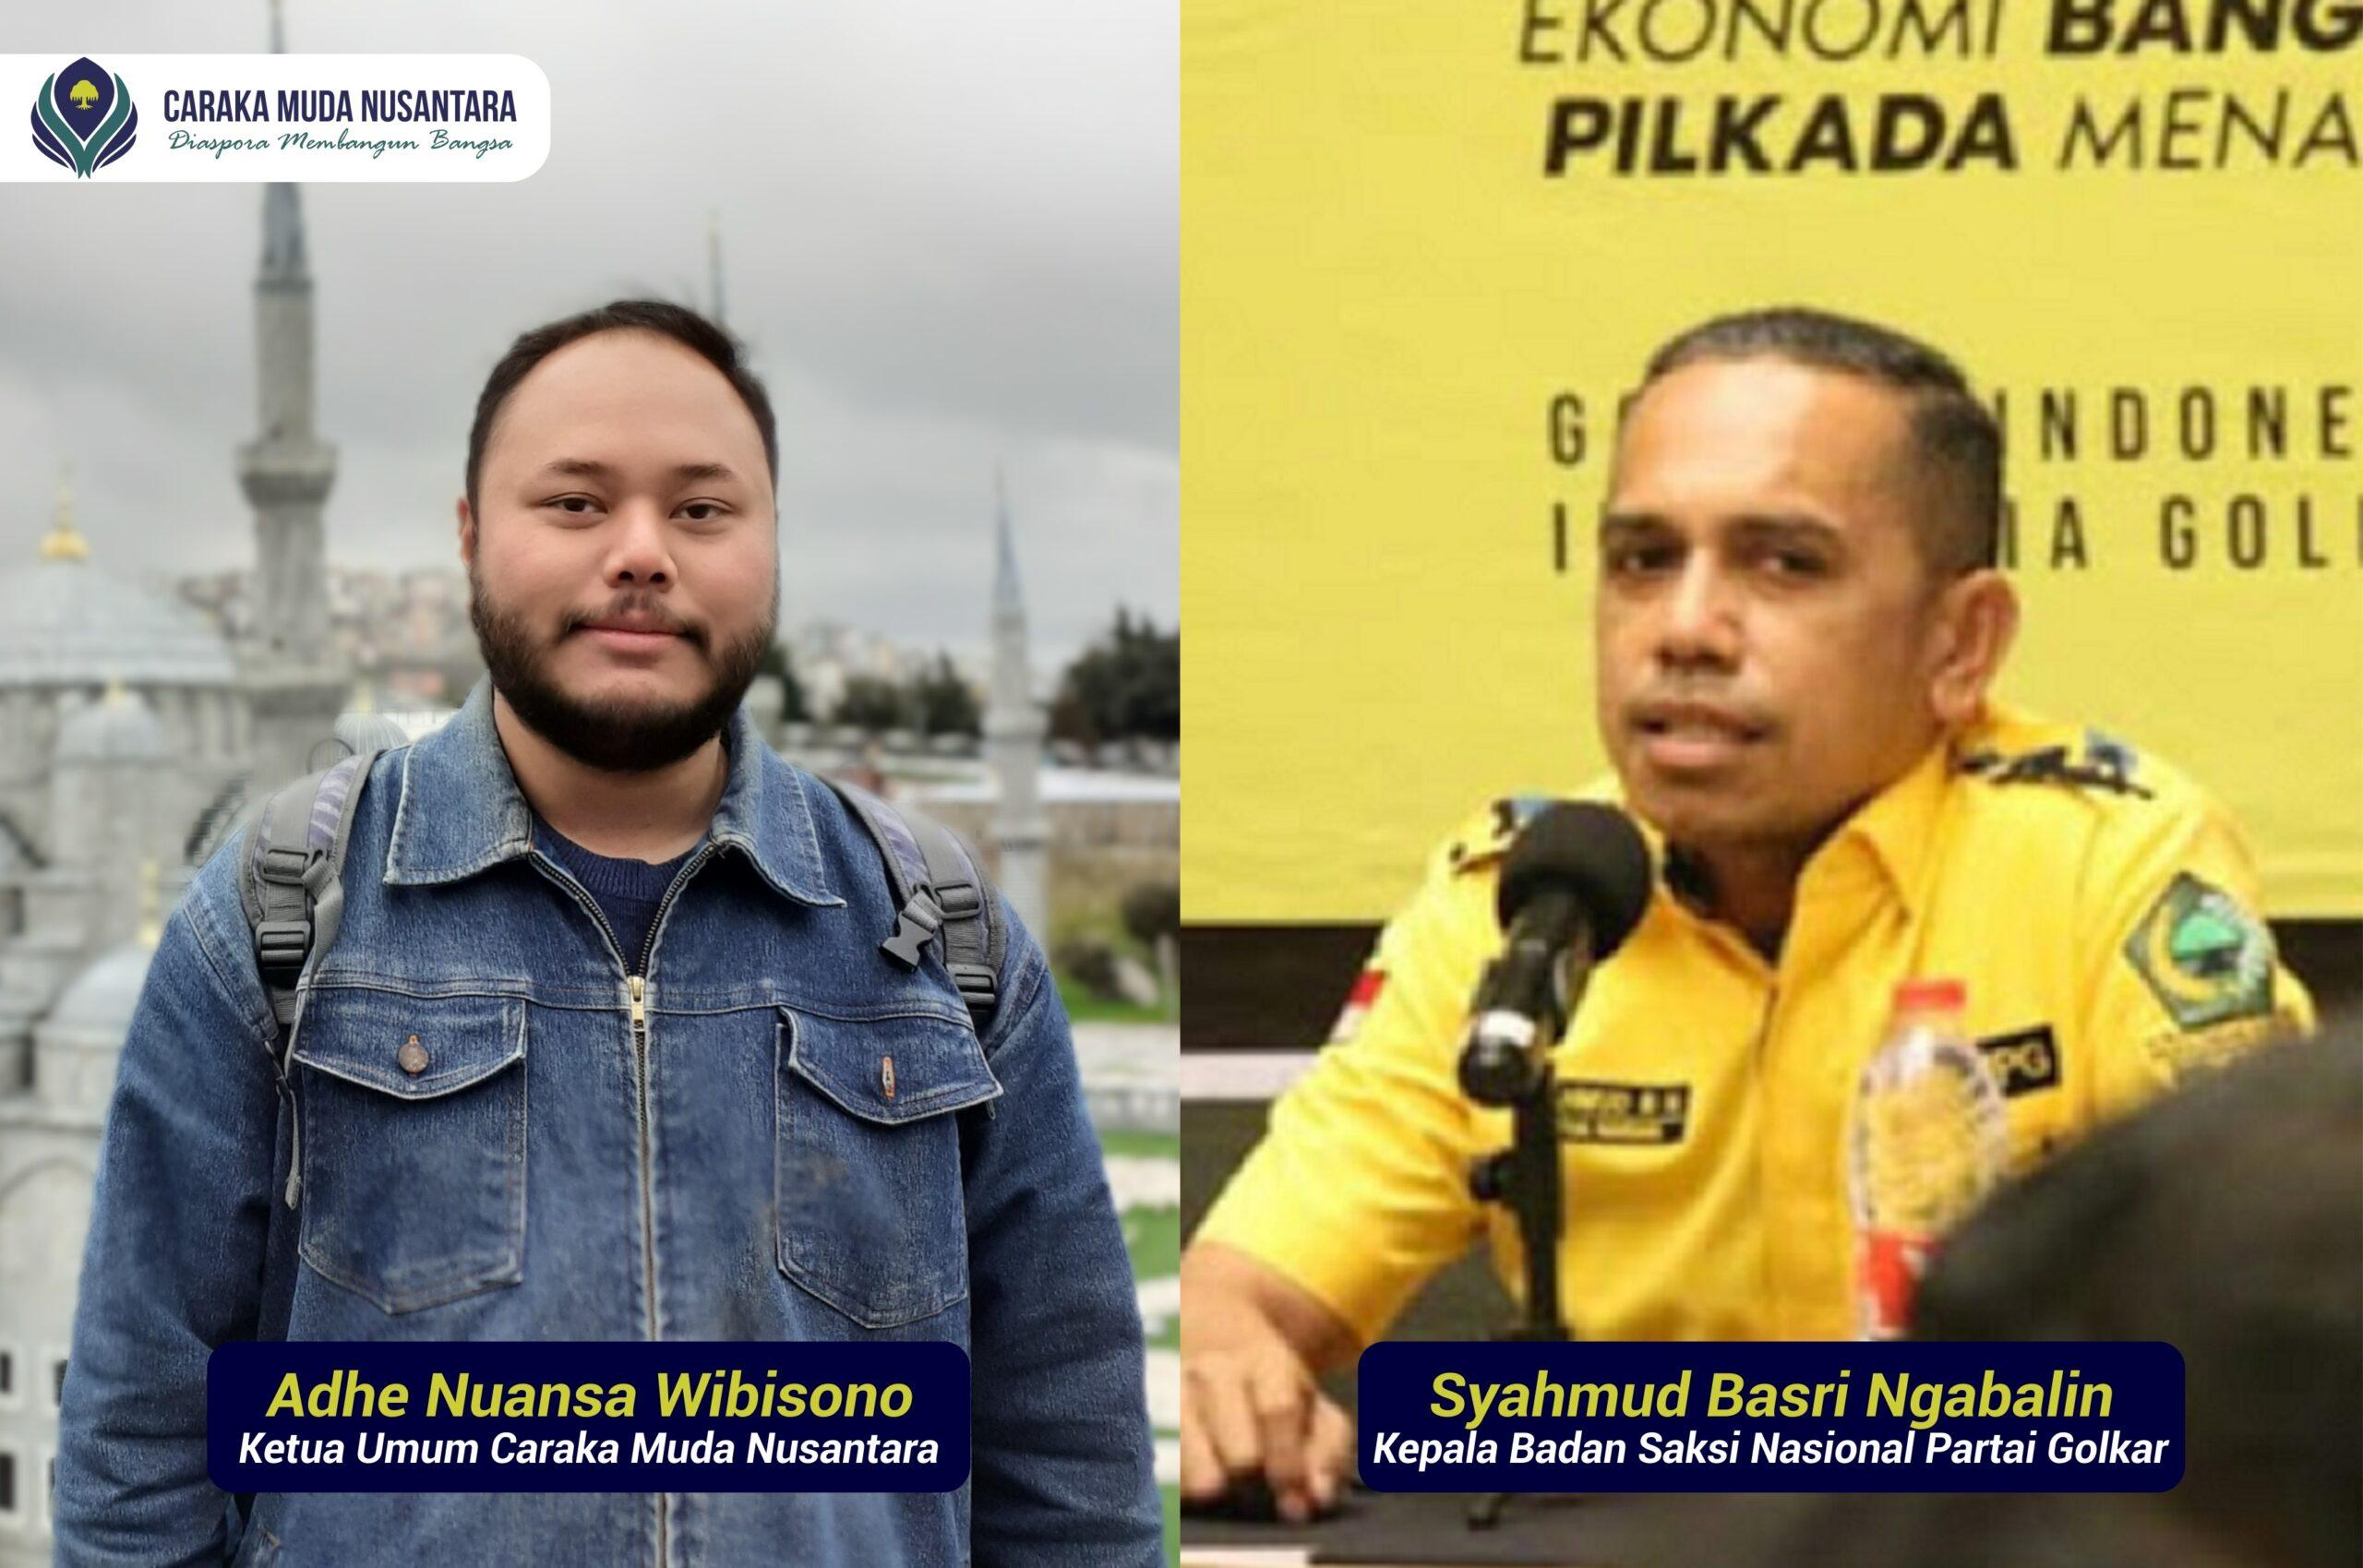 Bang Syahmud Wibisono Caraka scaled